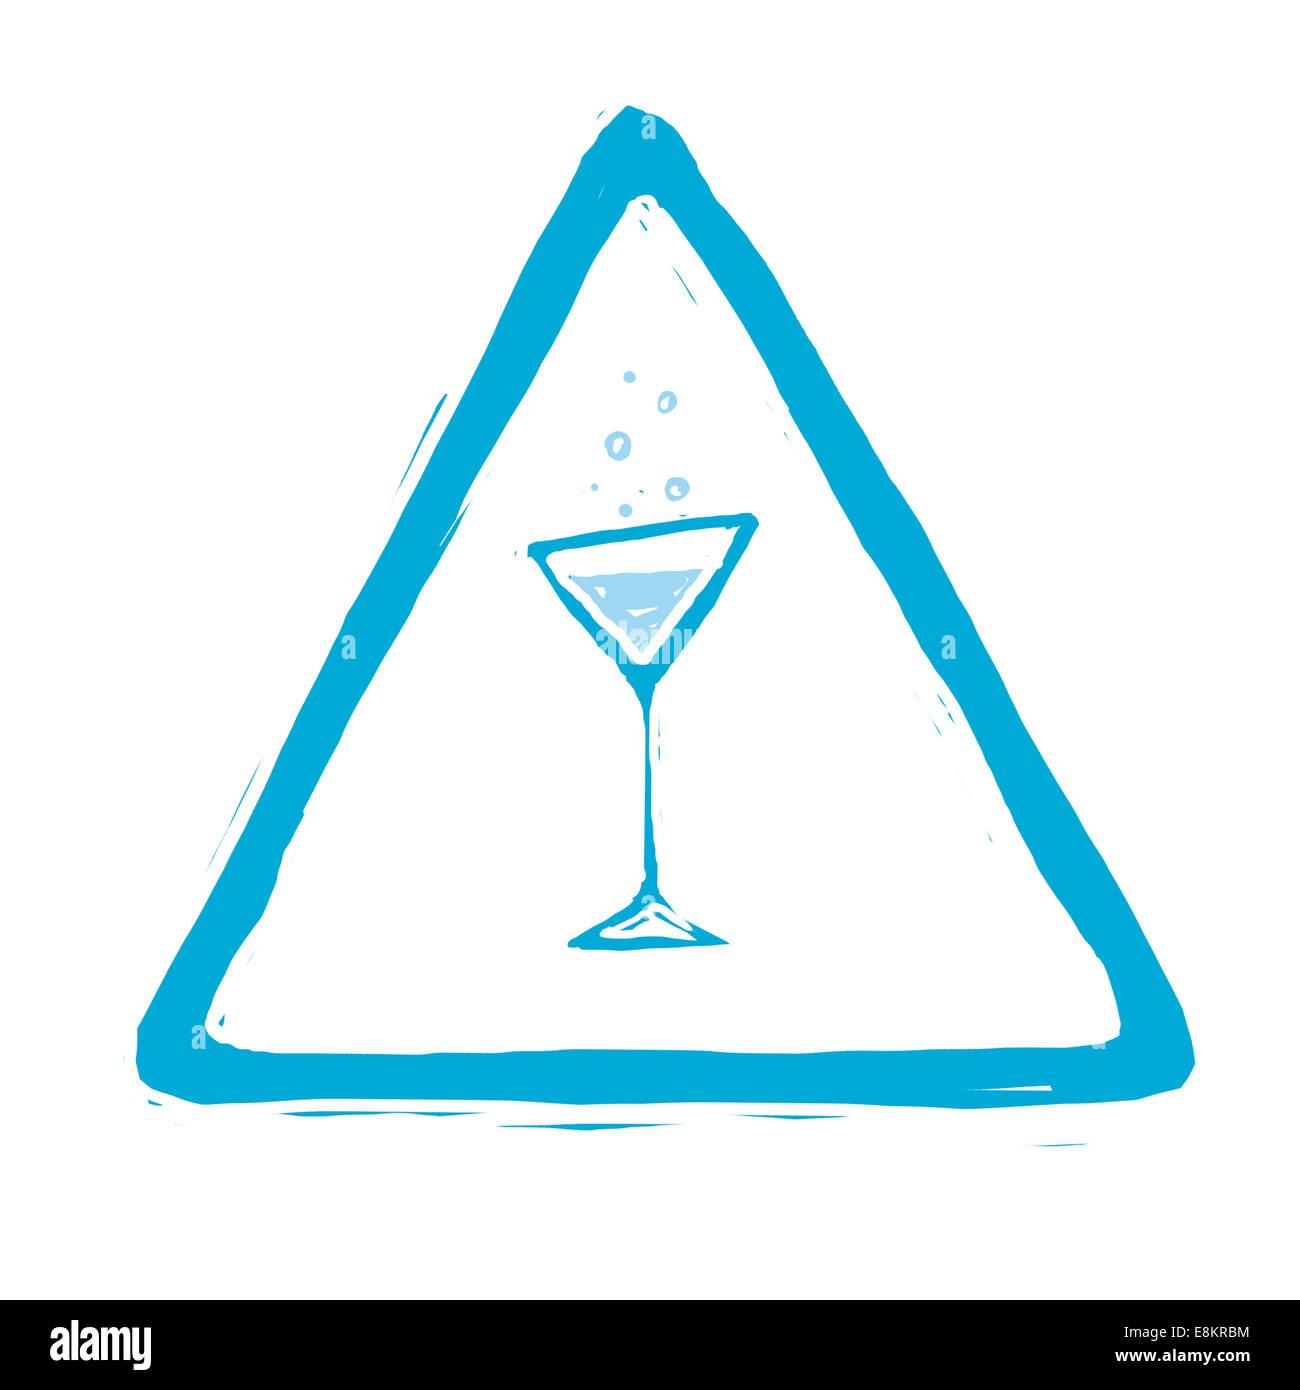 Piktogramm veranschaulicht die Gefahren des Alkohols. Stockbild